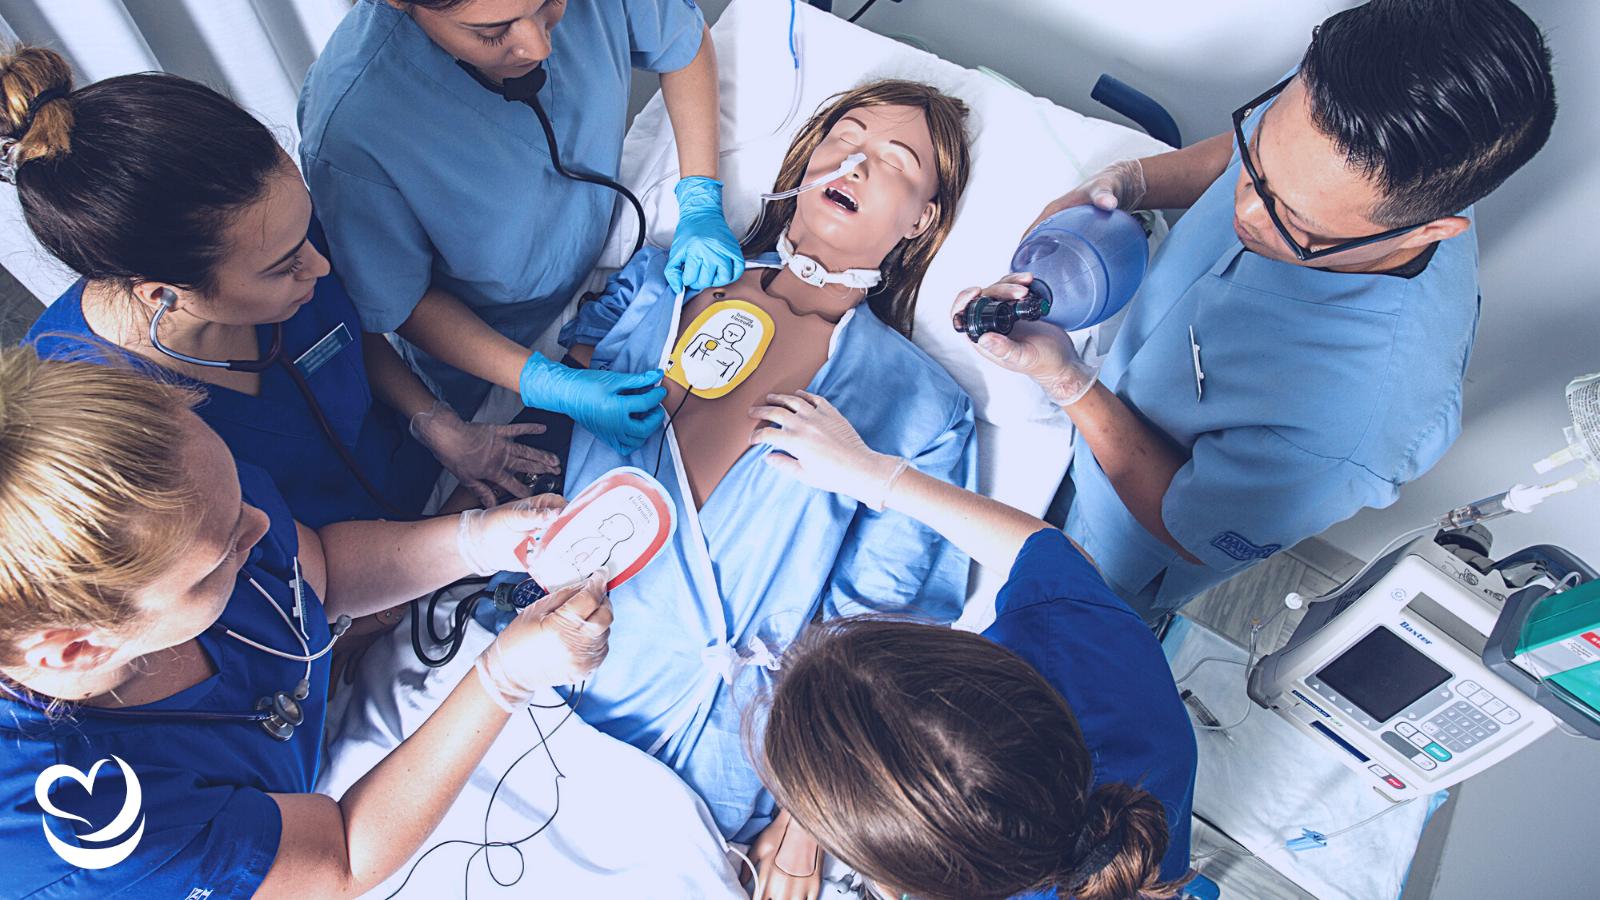 You + CAE Juno = Unbeatable Nursing Training